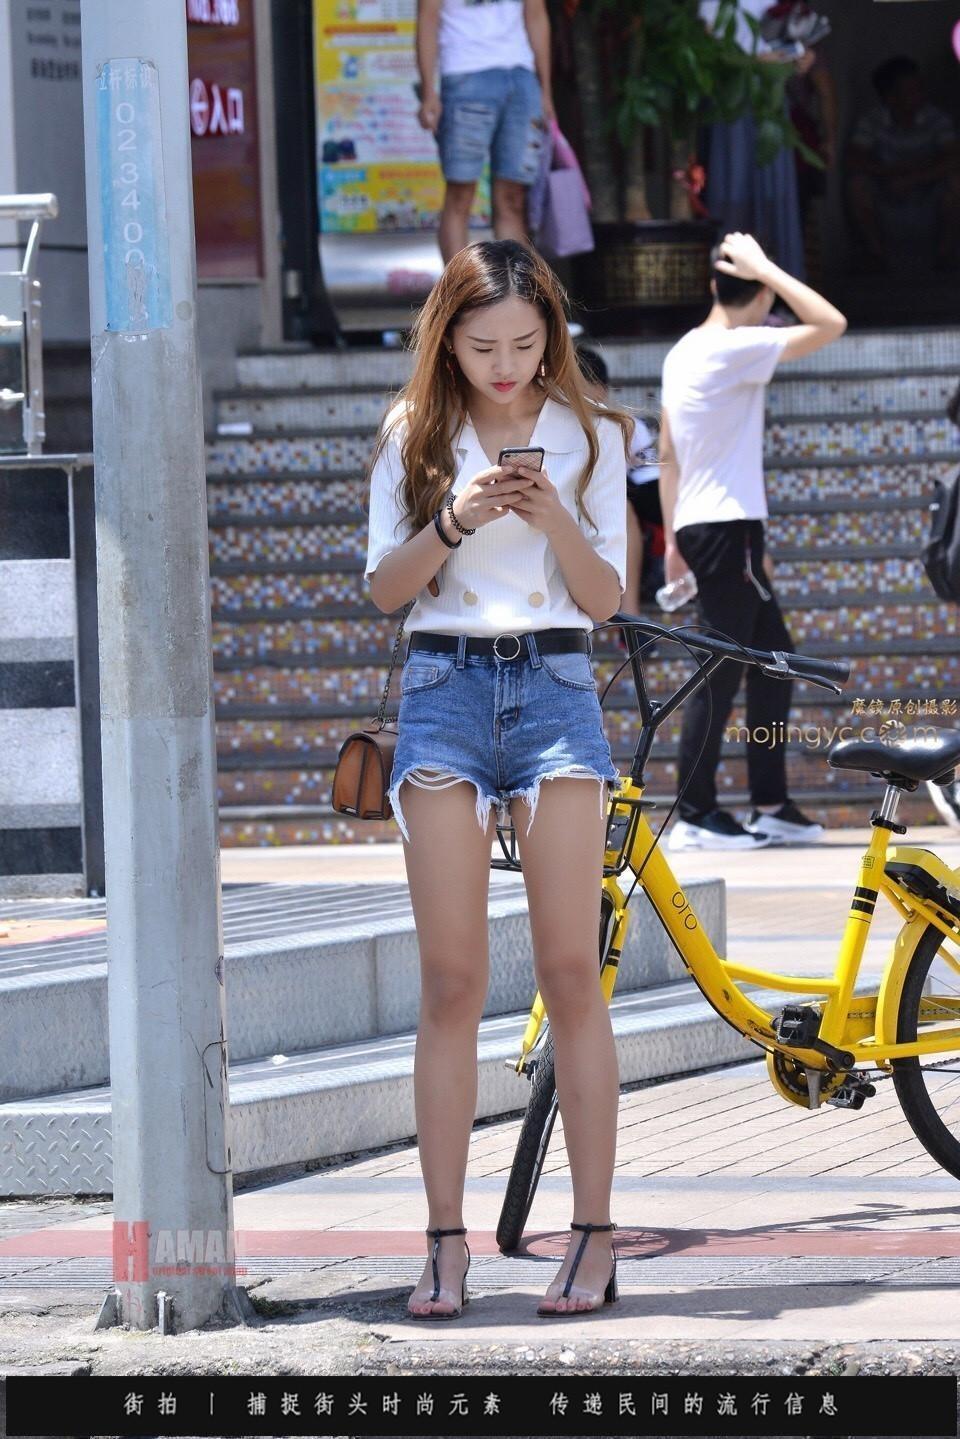 街拍: 美女的腿好直 眉眼处有点像唐嫣